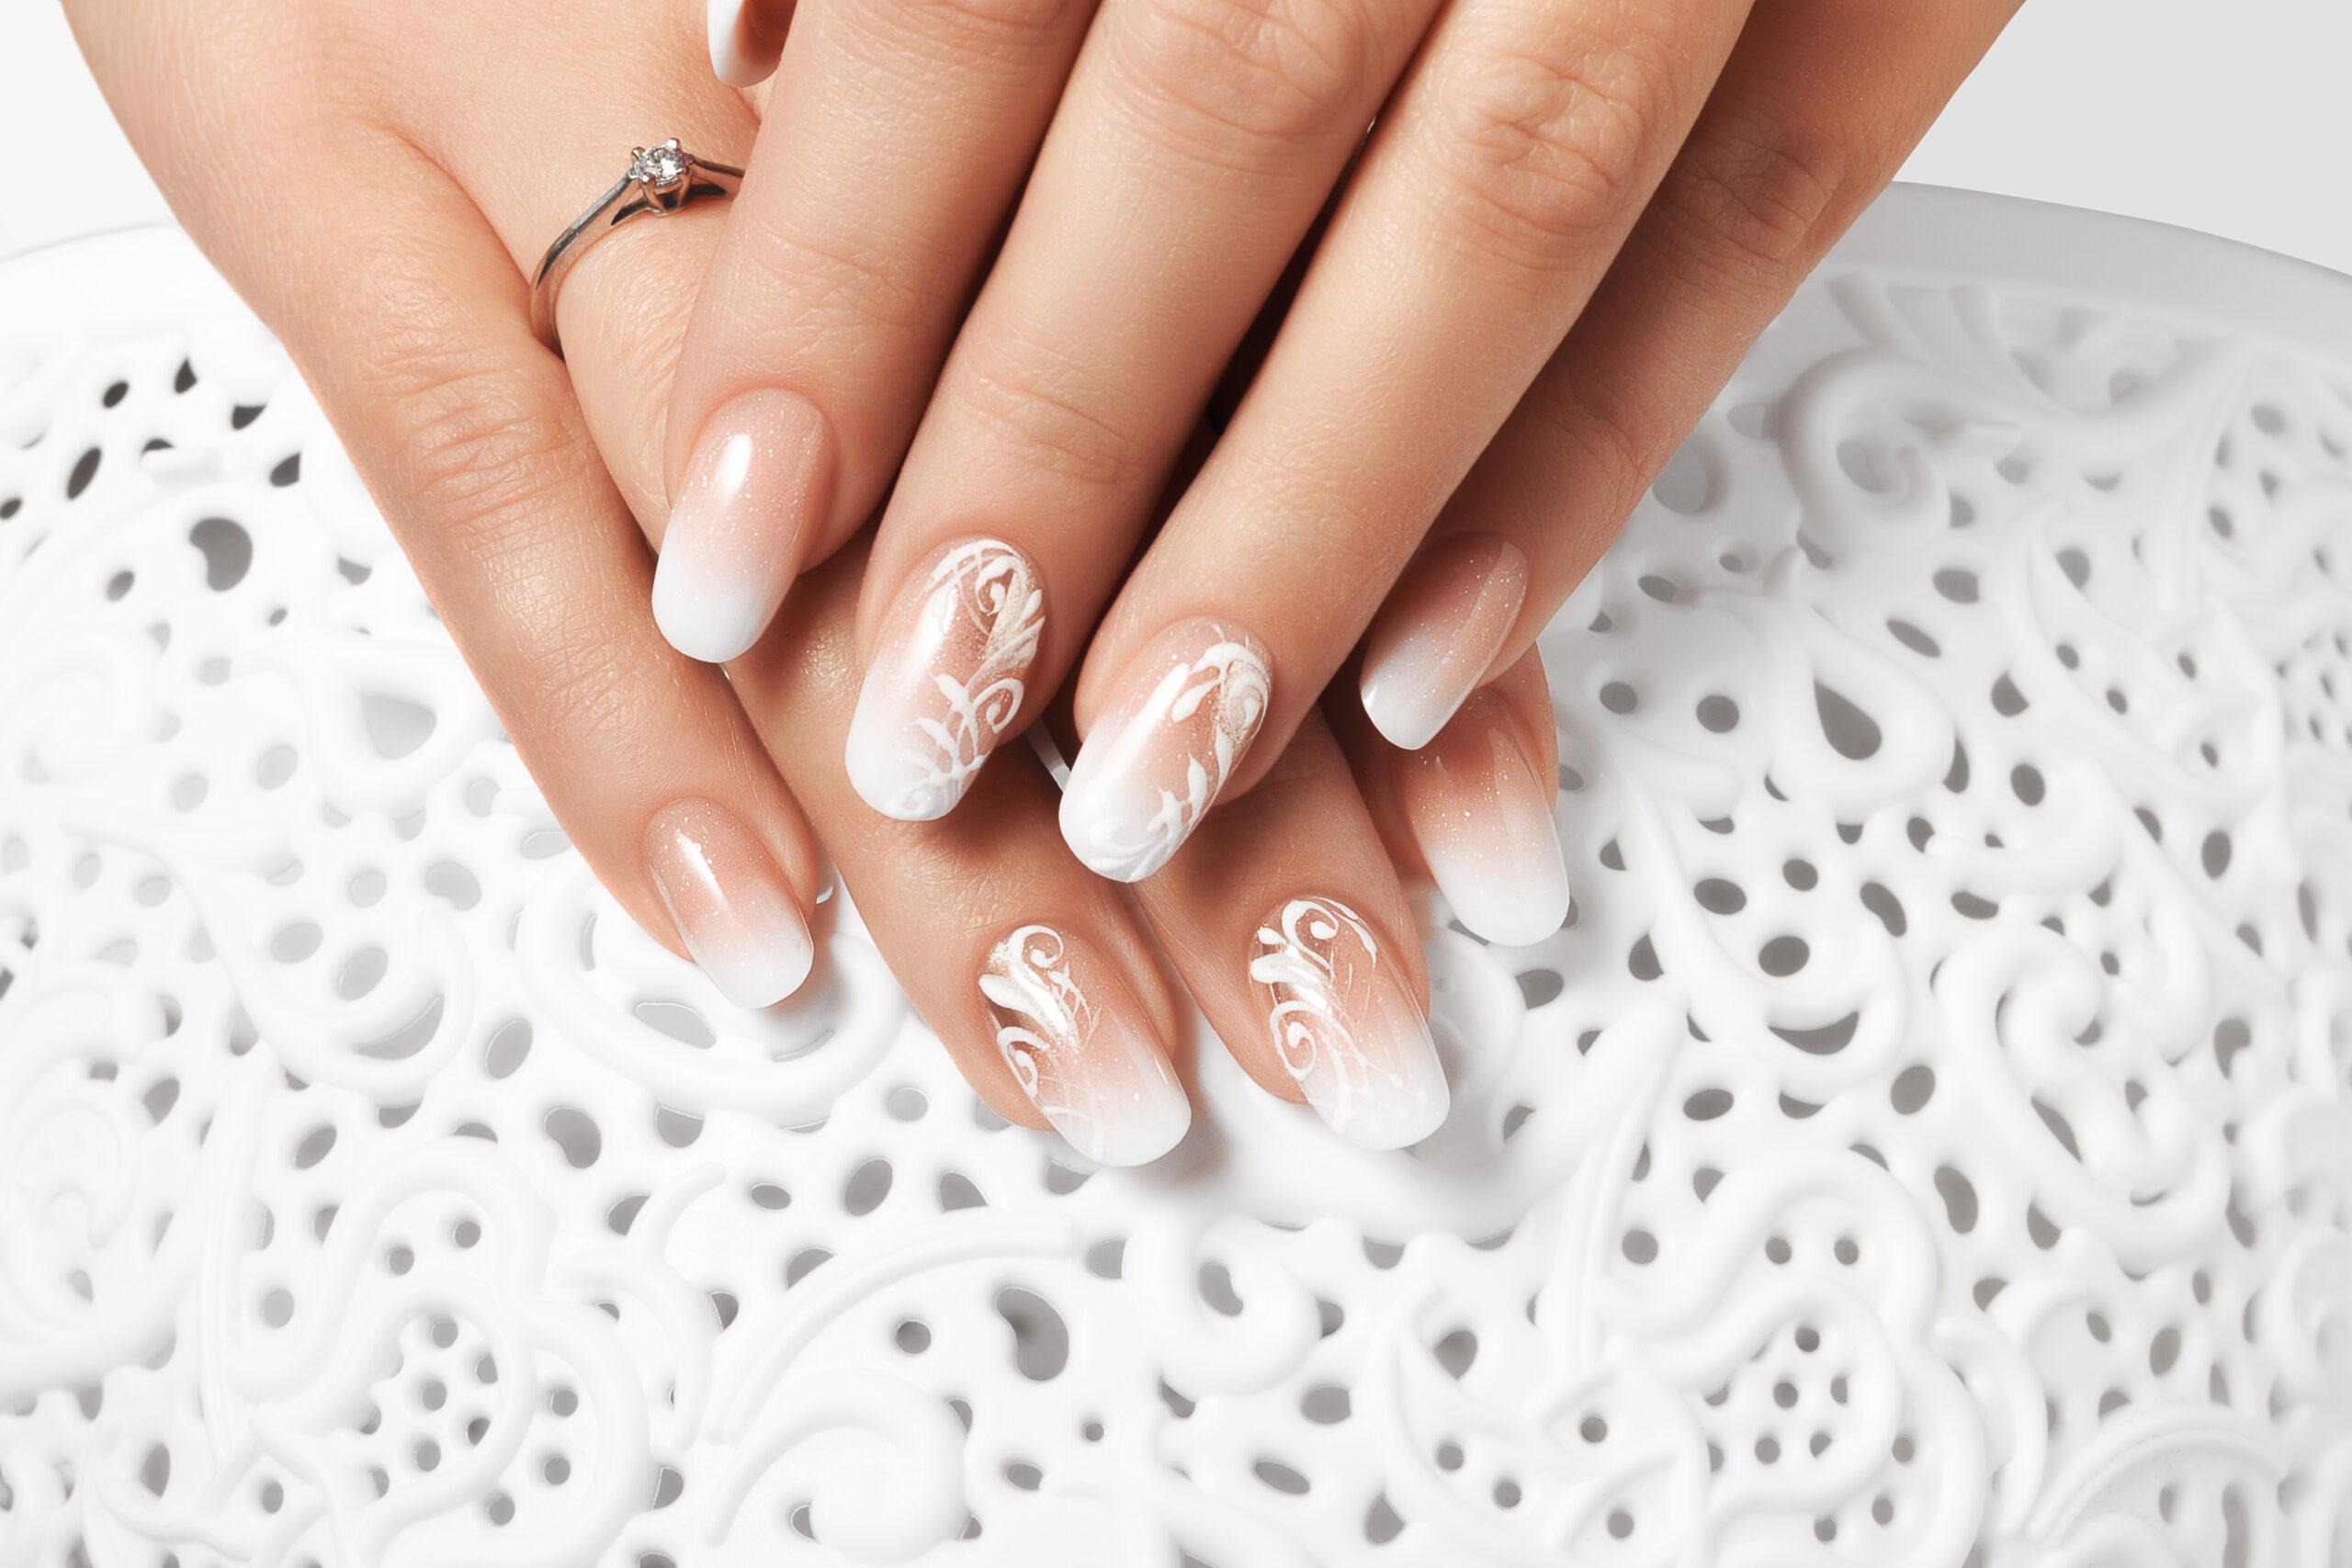 paznokcie ślubne w białe wzory na dłoniach panny młodej